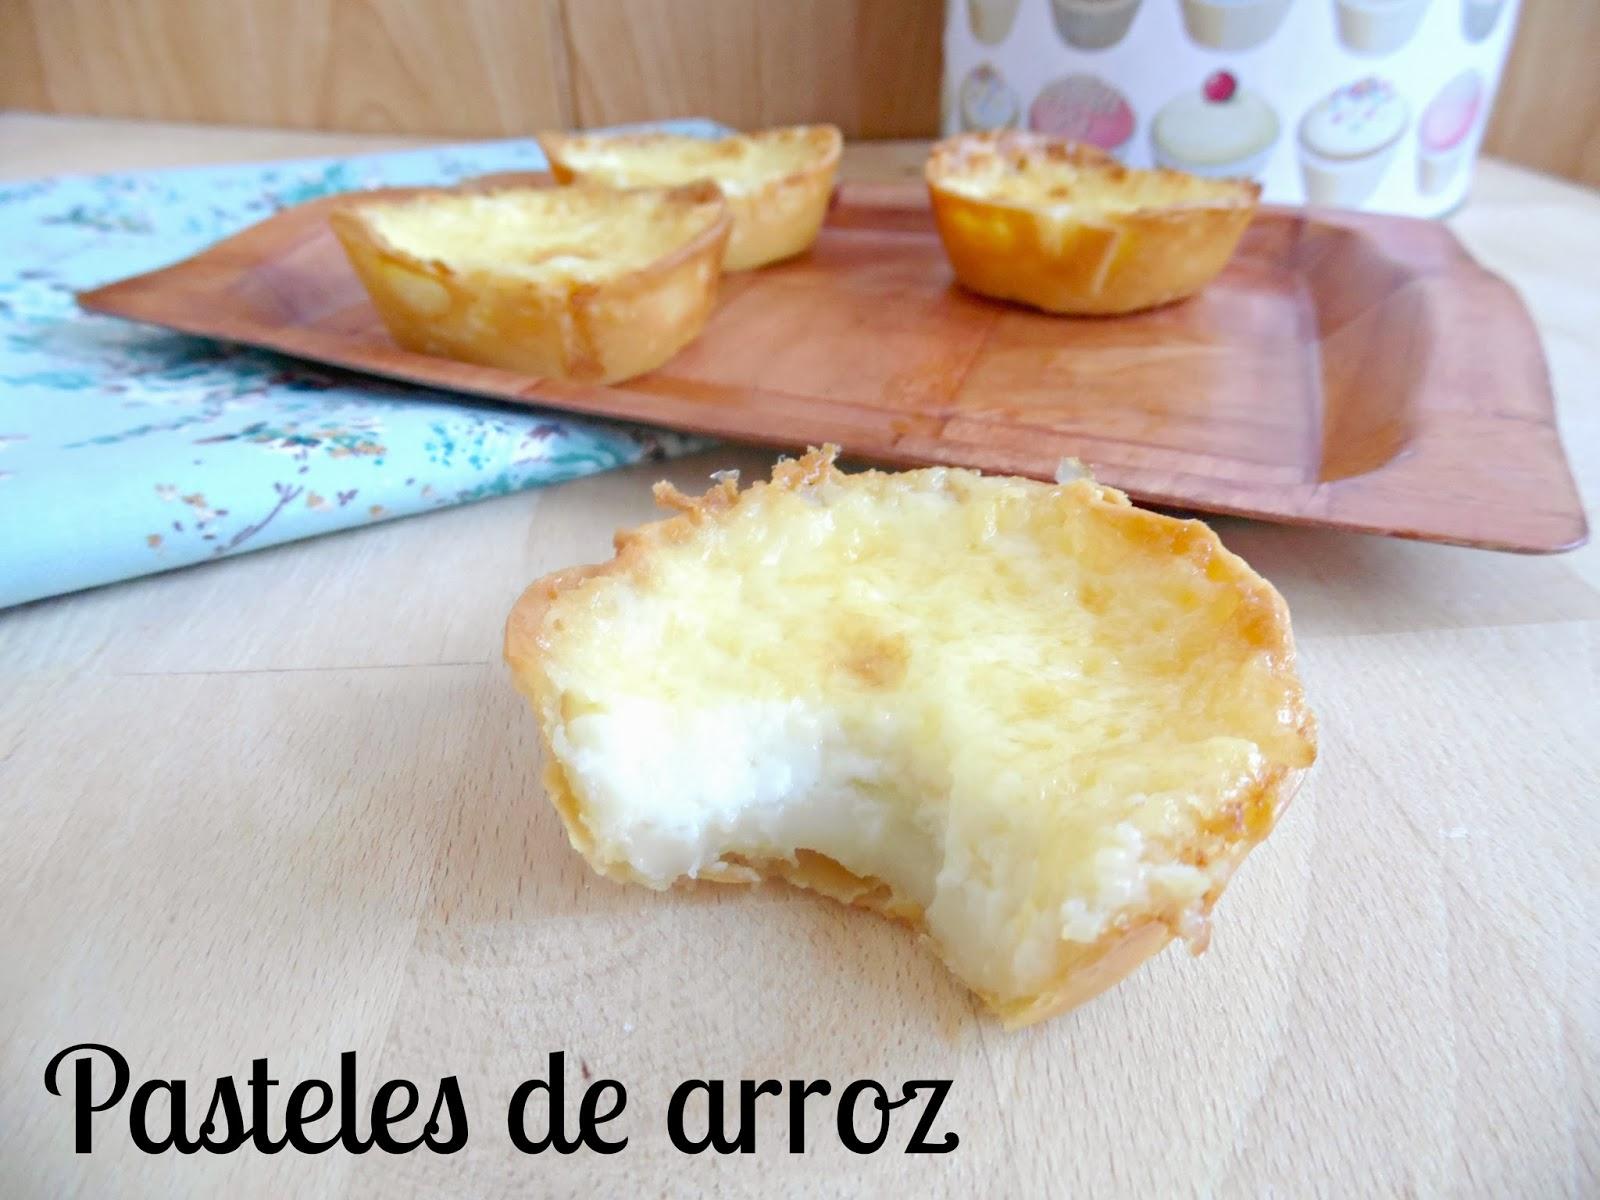 http://www.experimentando-enla-cocina.blogspot.com.es/2014/01/unos-ramos-unos-pasteles-y-un-mini.html